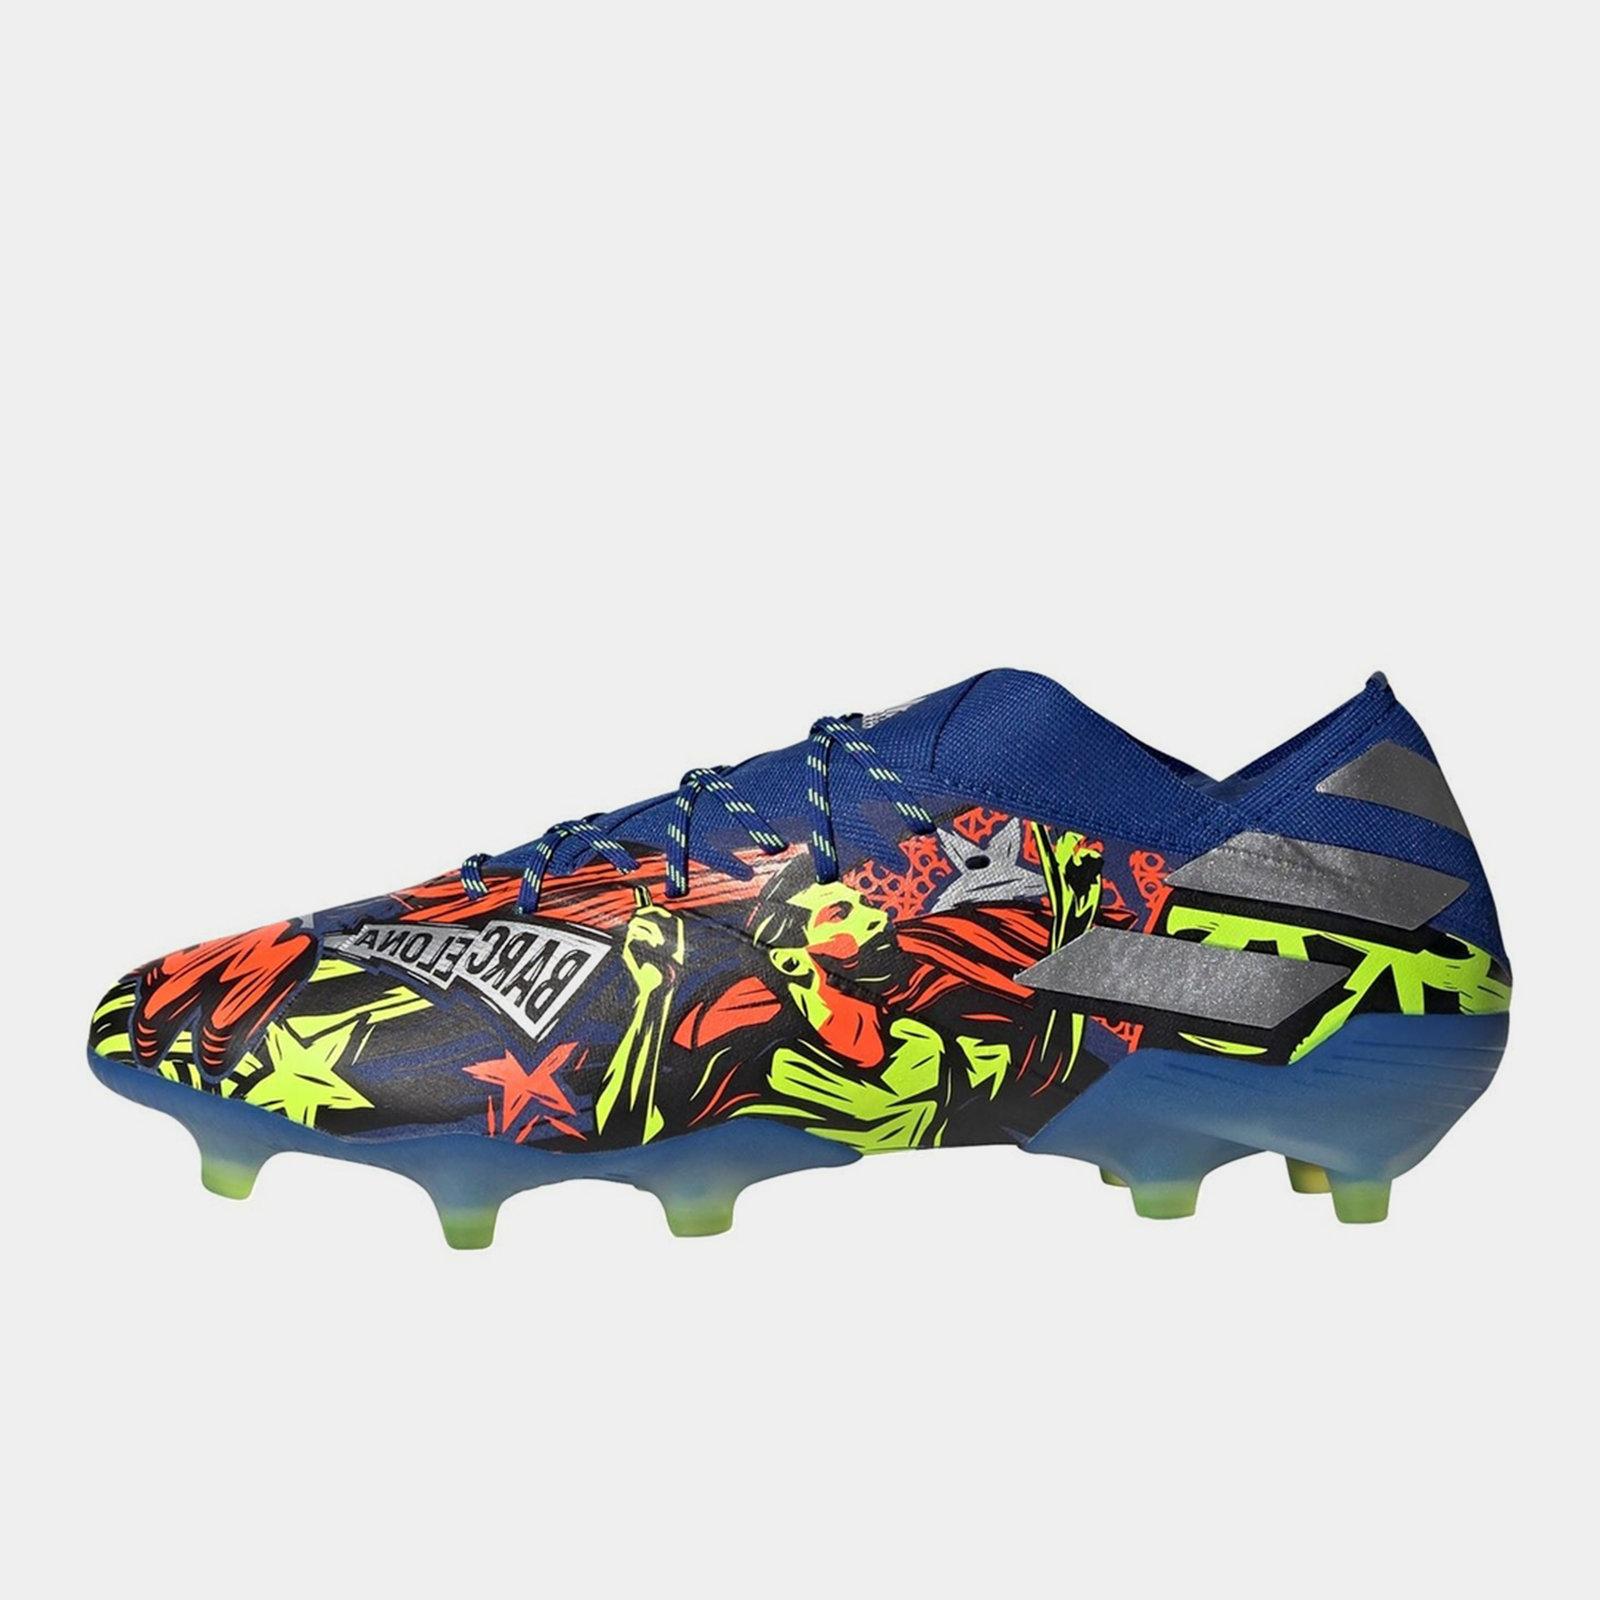 Nemeziz Messi 19.1 Football Boots Firm Ground